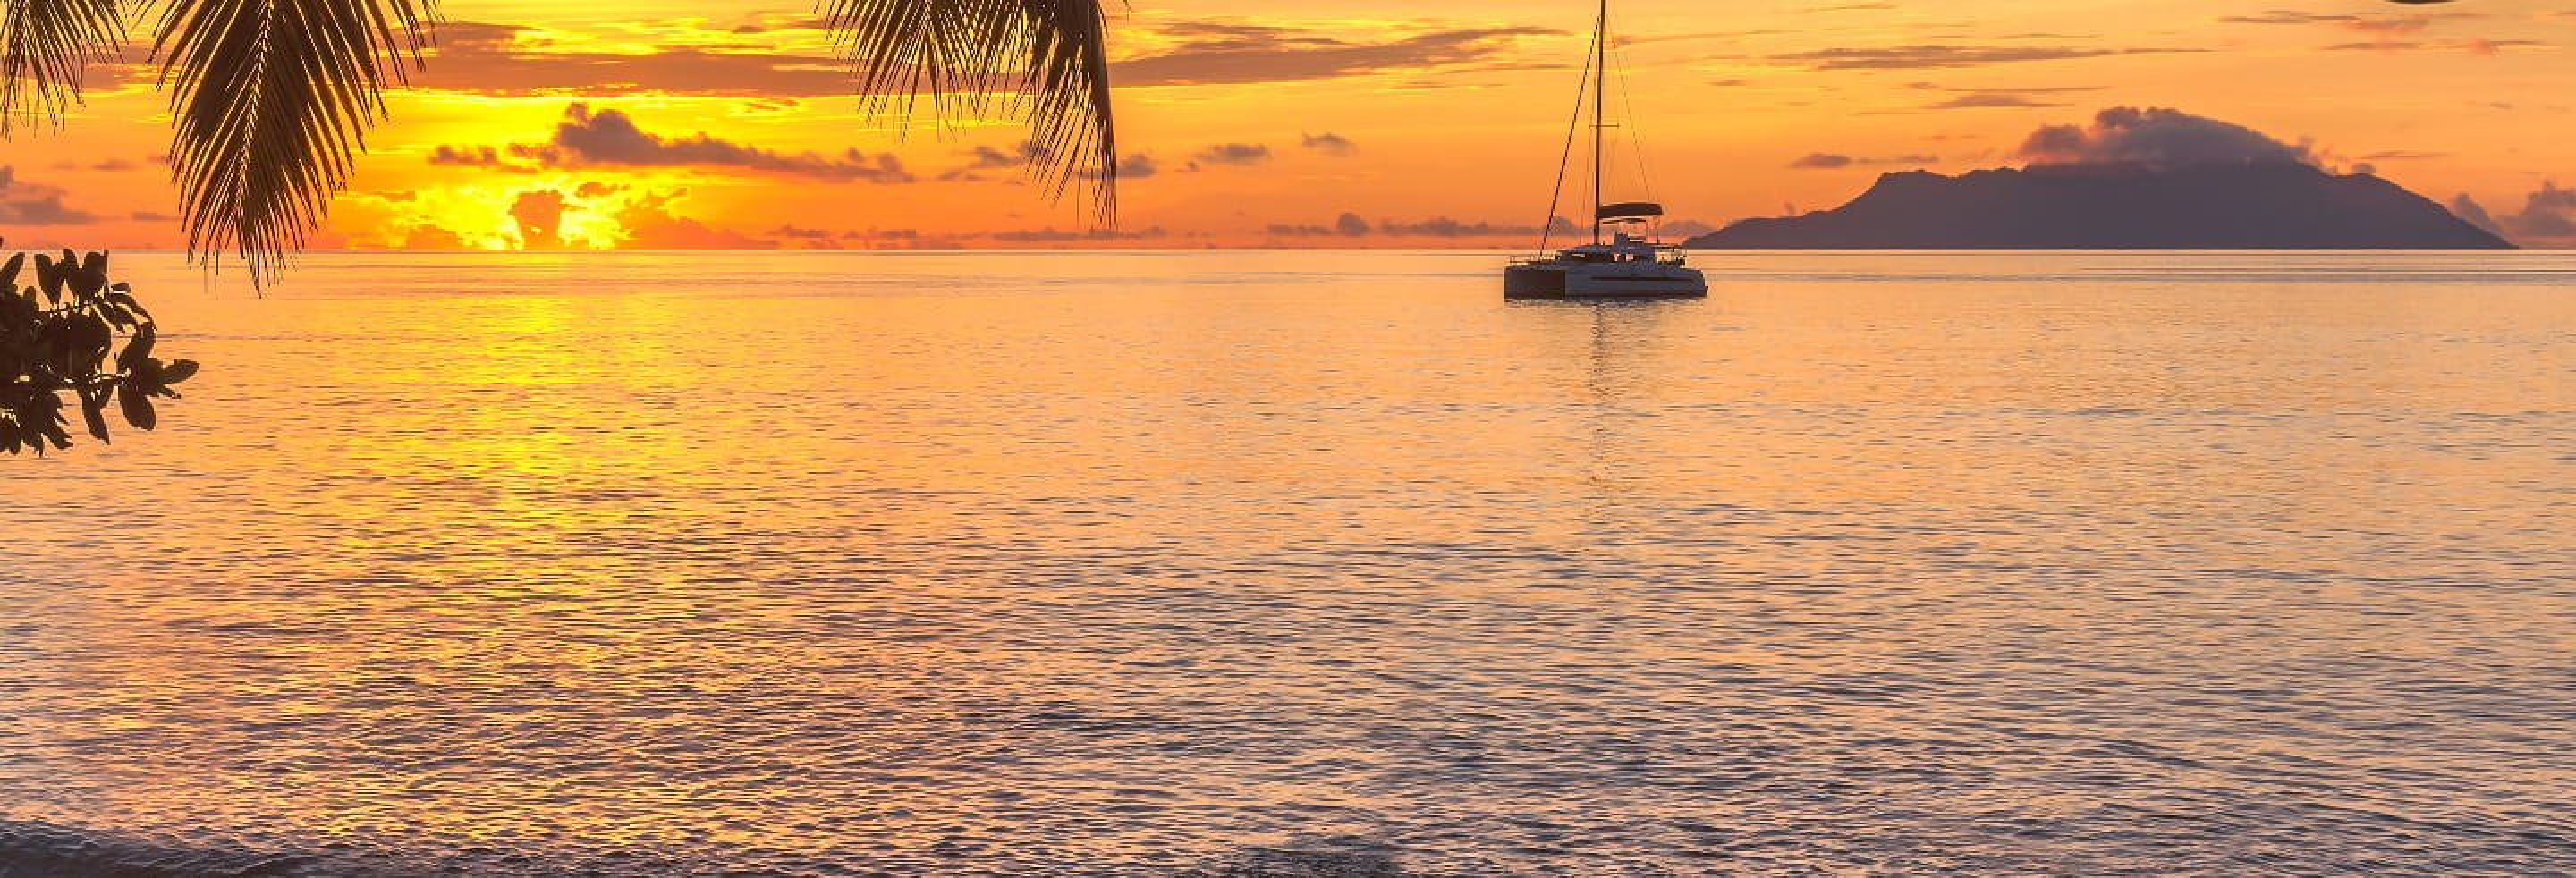 Paseo privado en barco al atardecer